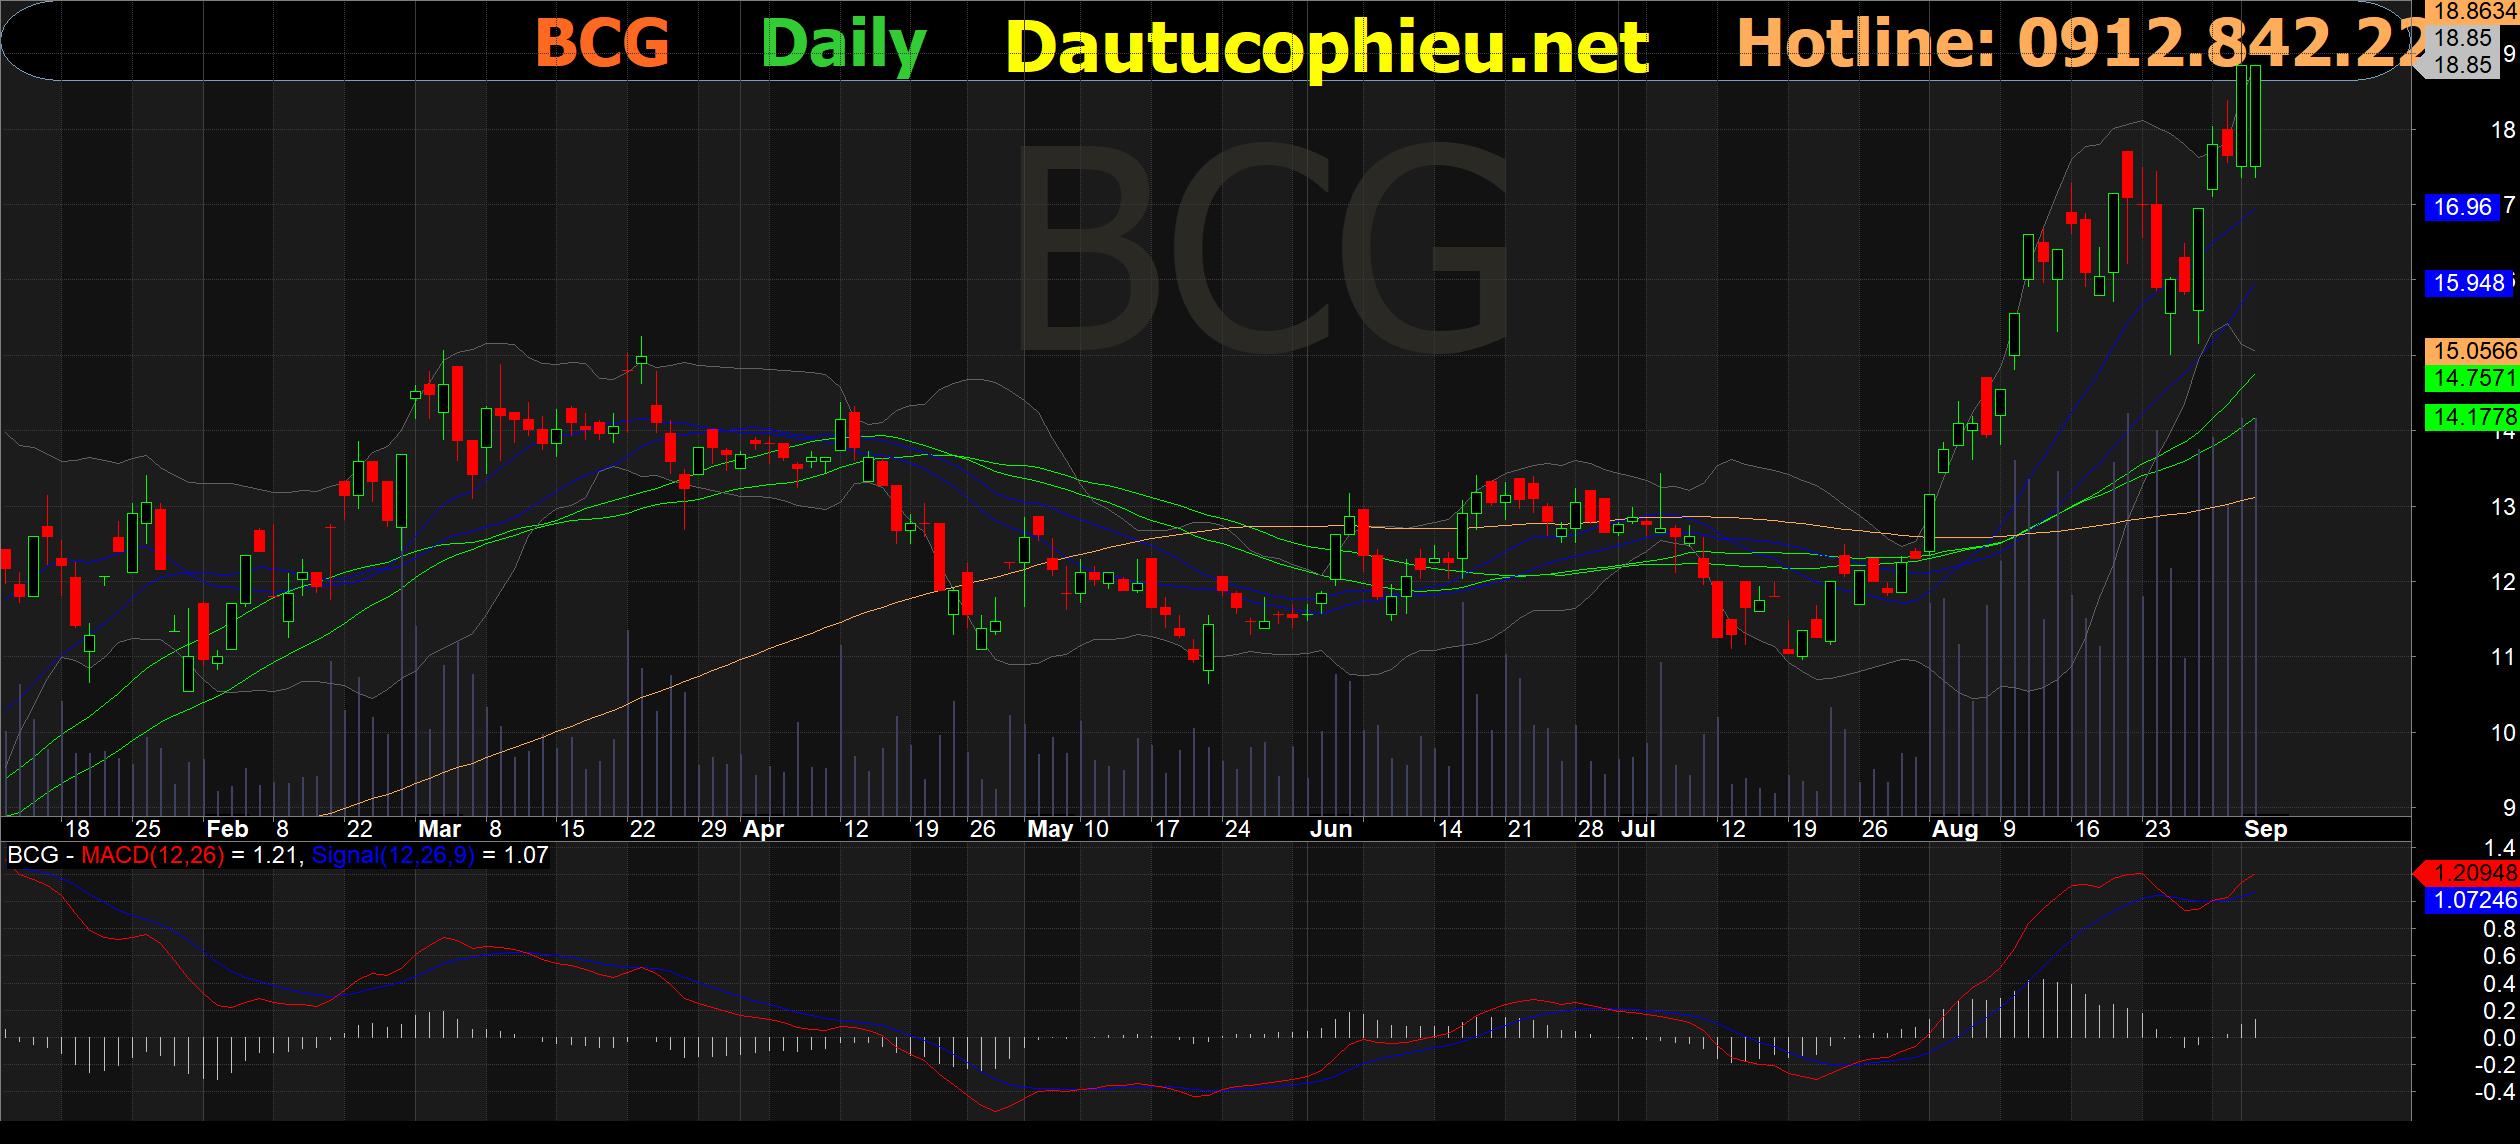 Cập nhật cổ phiếu BCG – Vững vàng tăng trưởng 6 tháng cuối năm